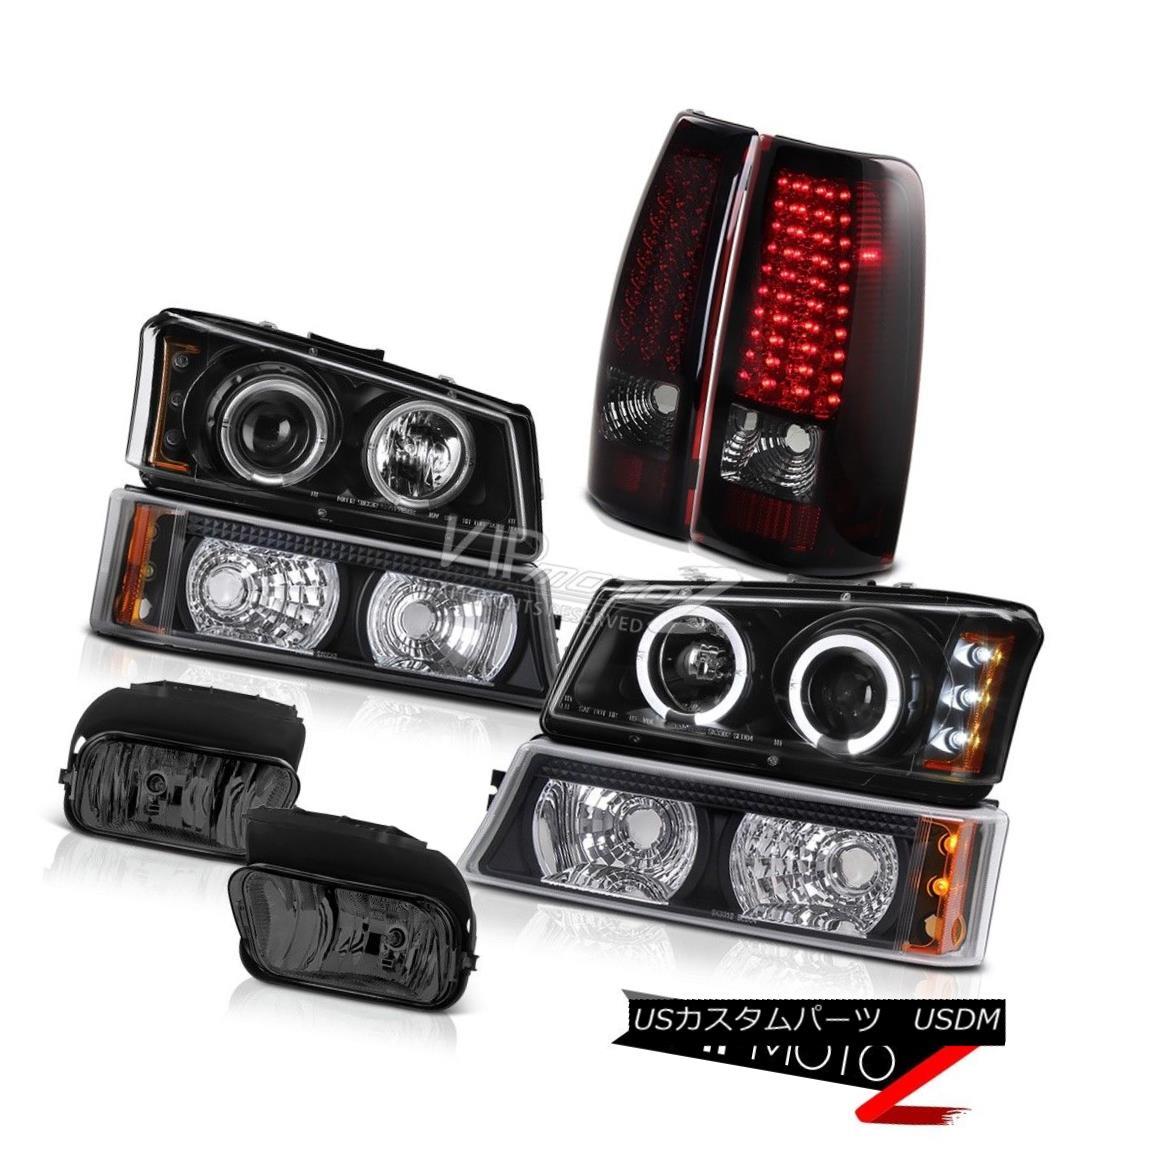 ヘッドライト Black Halo LED Headlights Signal Tail Light Foglight 2005 2006 Silverado 4.3L V6 Black Halo LEDヘッドライト信号テールライトFoglight 2005 2006 Silverado 4.3L V6